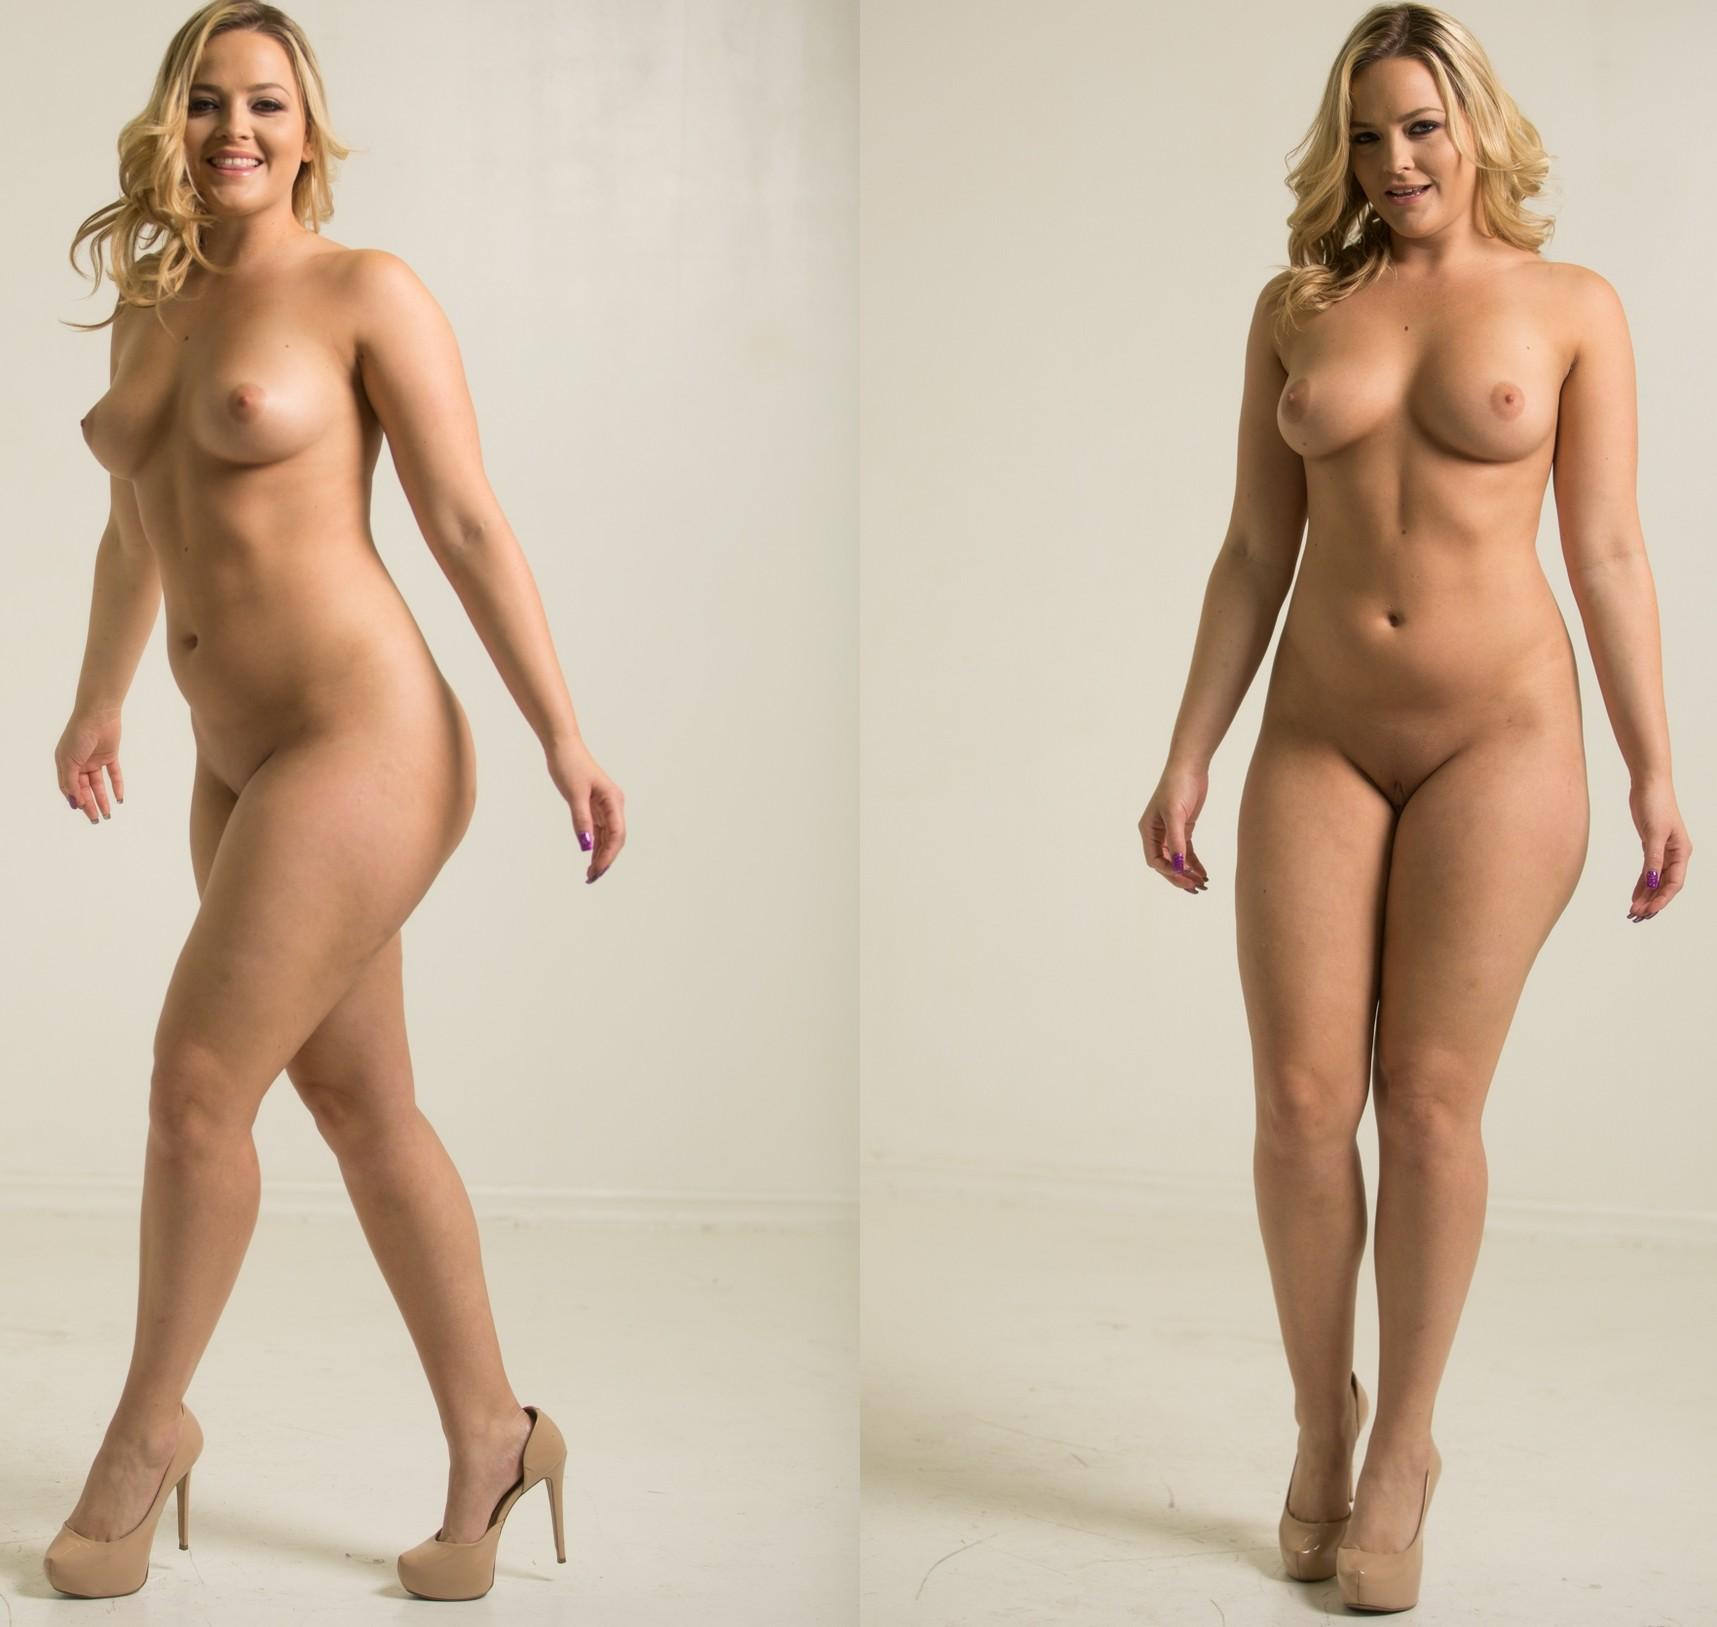 Alexis T Pic Porn alexis texas's body porn pic - eporner